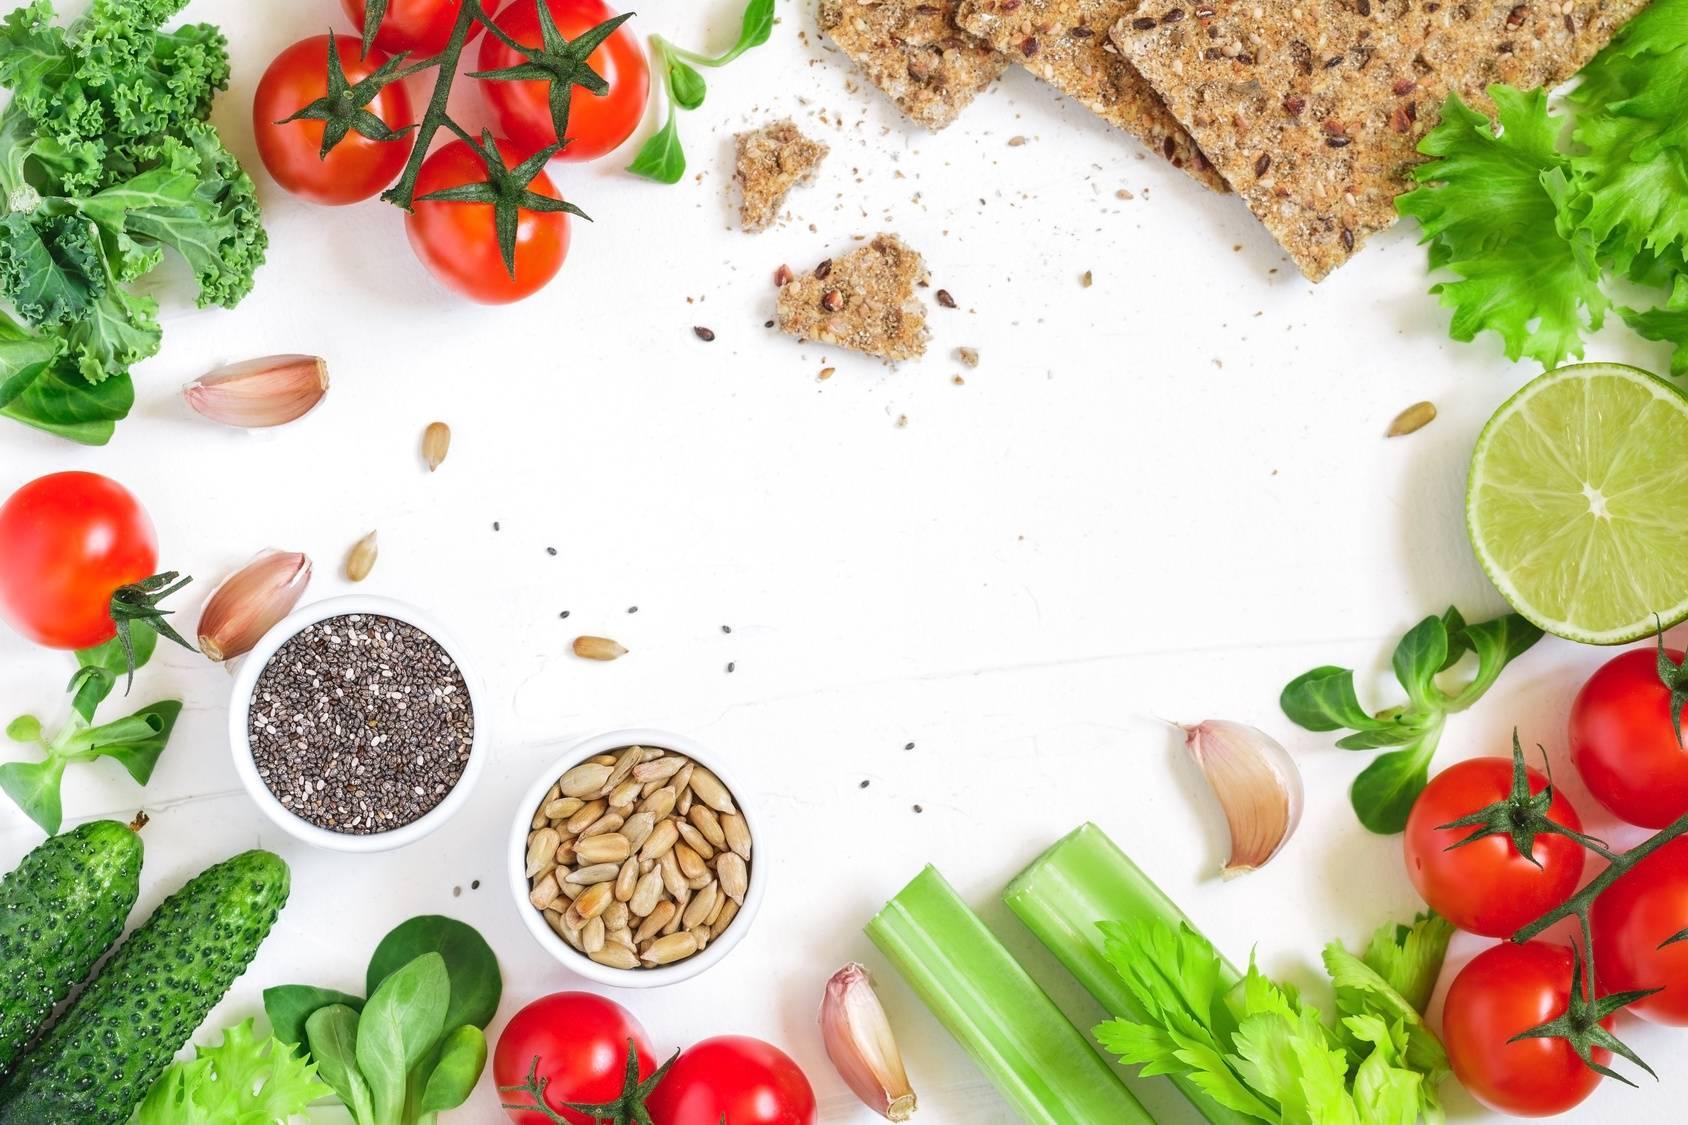 Jak walczyć z otyłością? Planuj posiłki i zdrowo się odżywiaj.